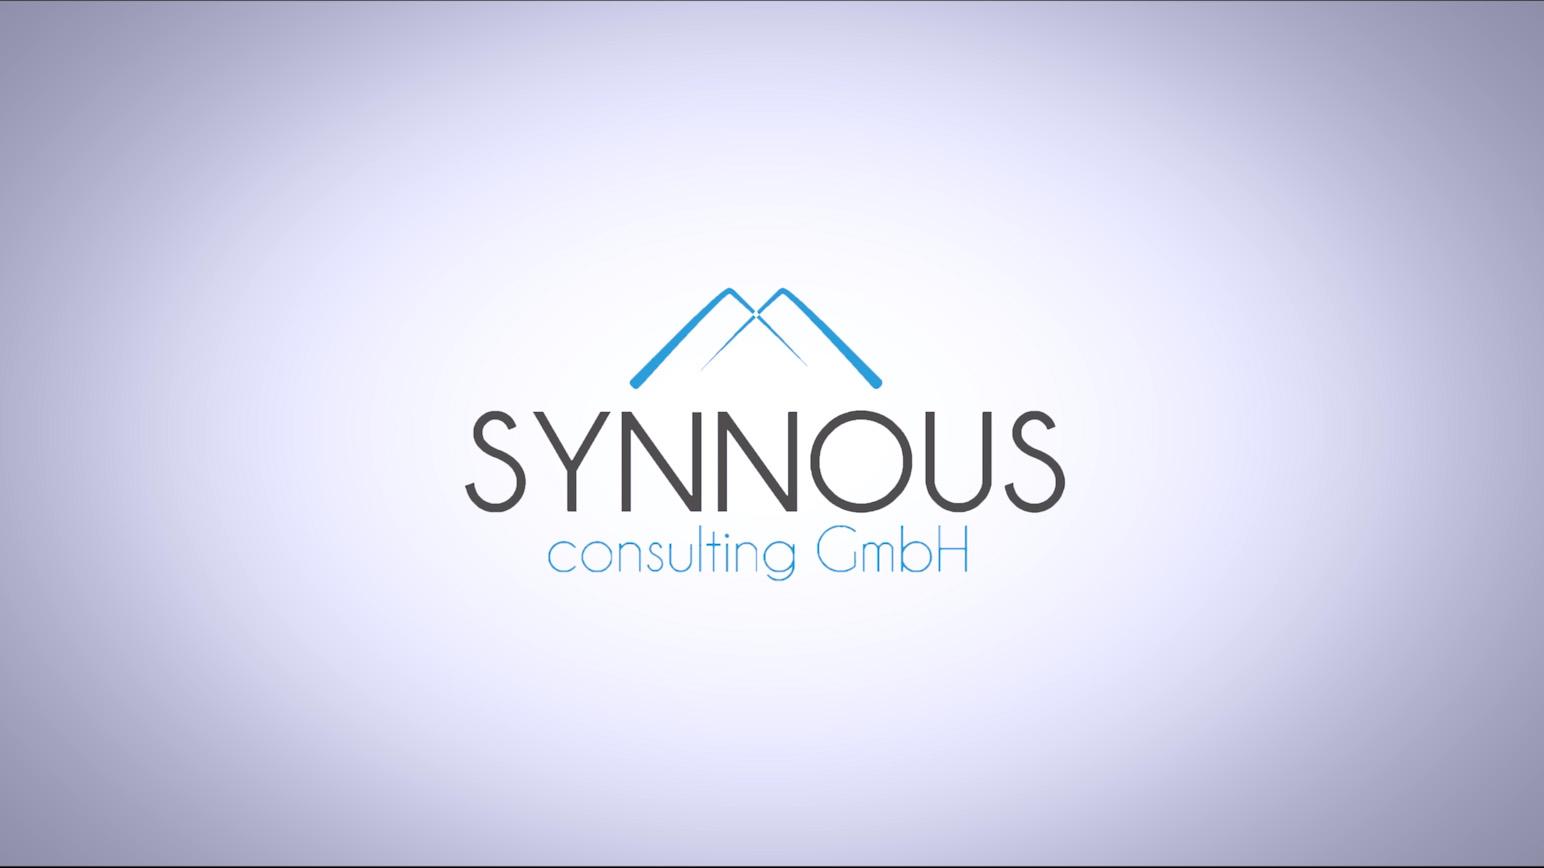 synnous vorschau1